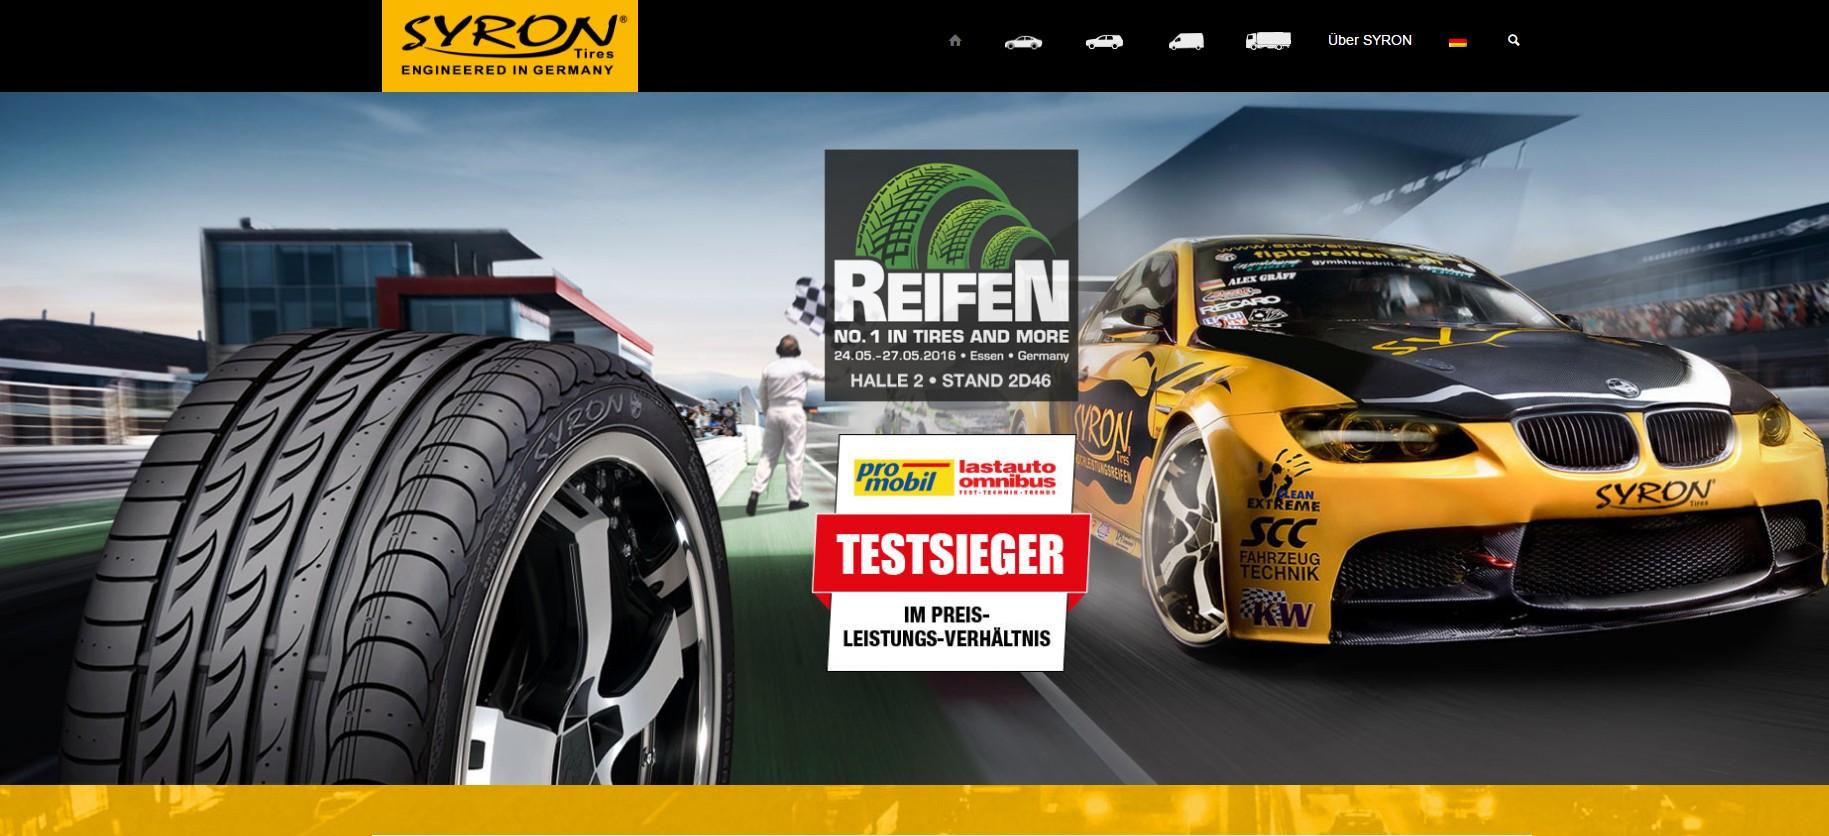 Syron Tyres